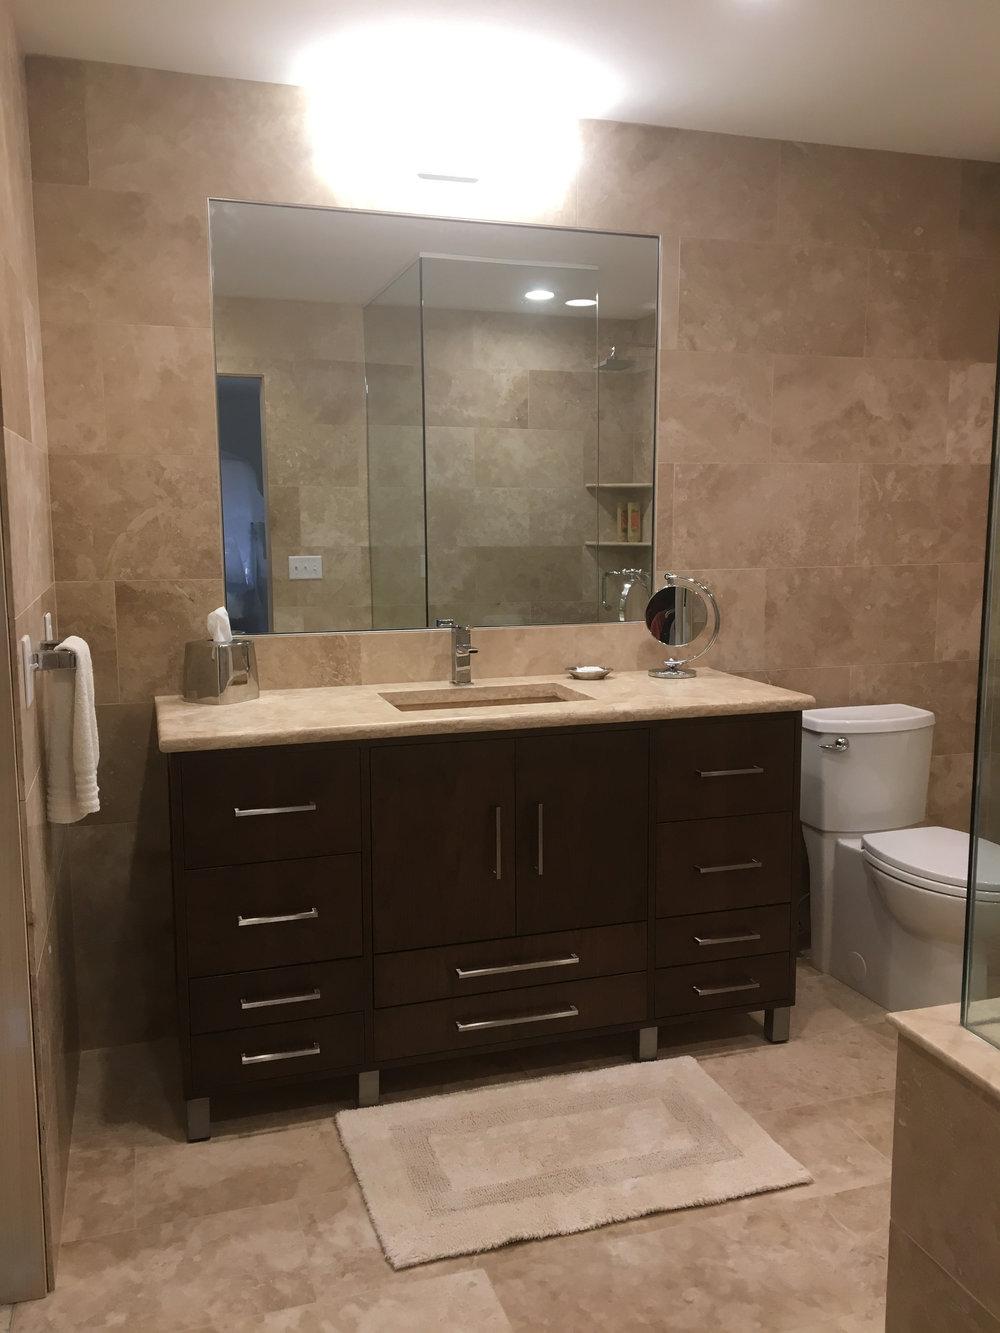 Durango bathroom sidley .jpg